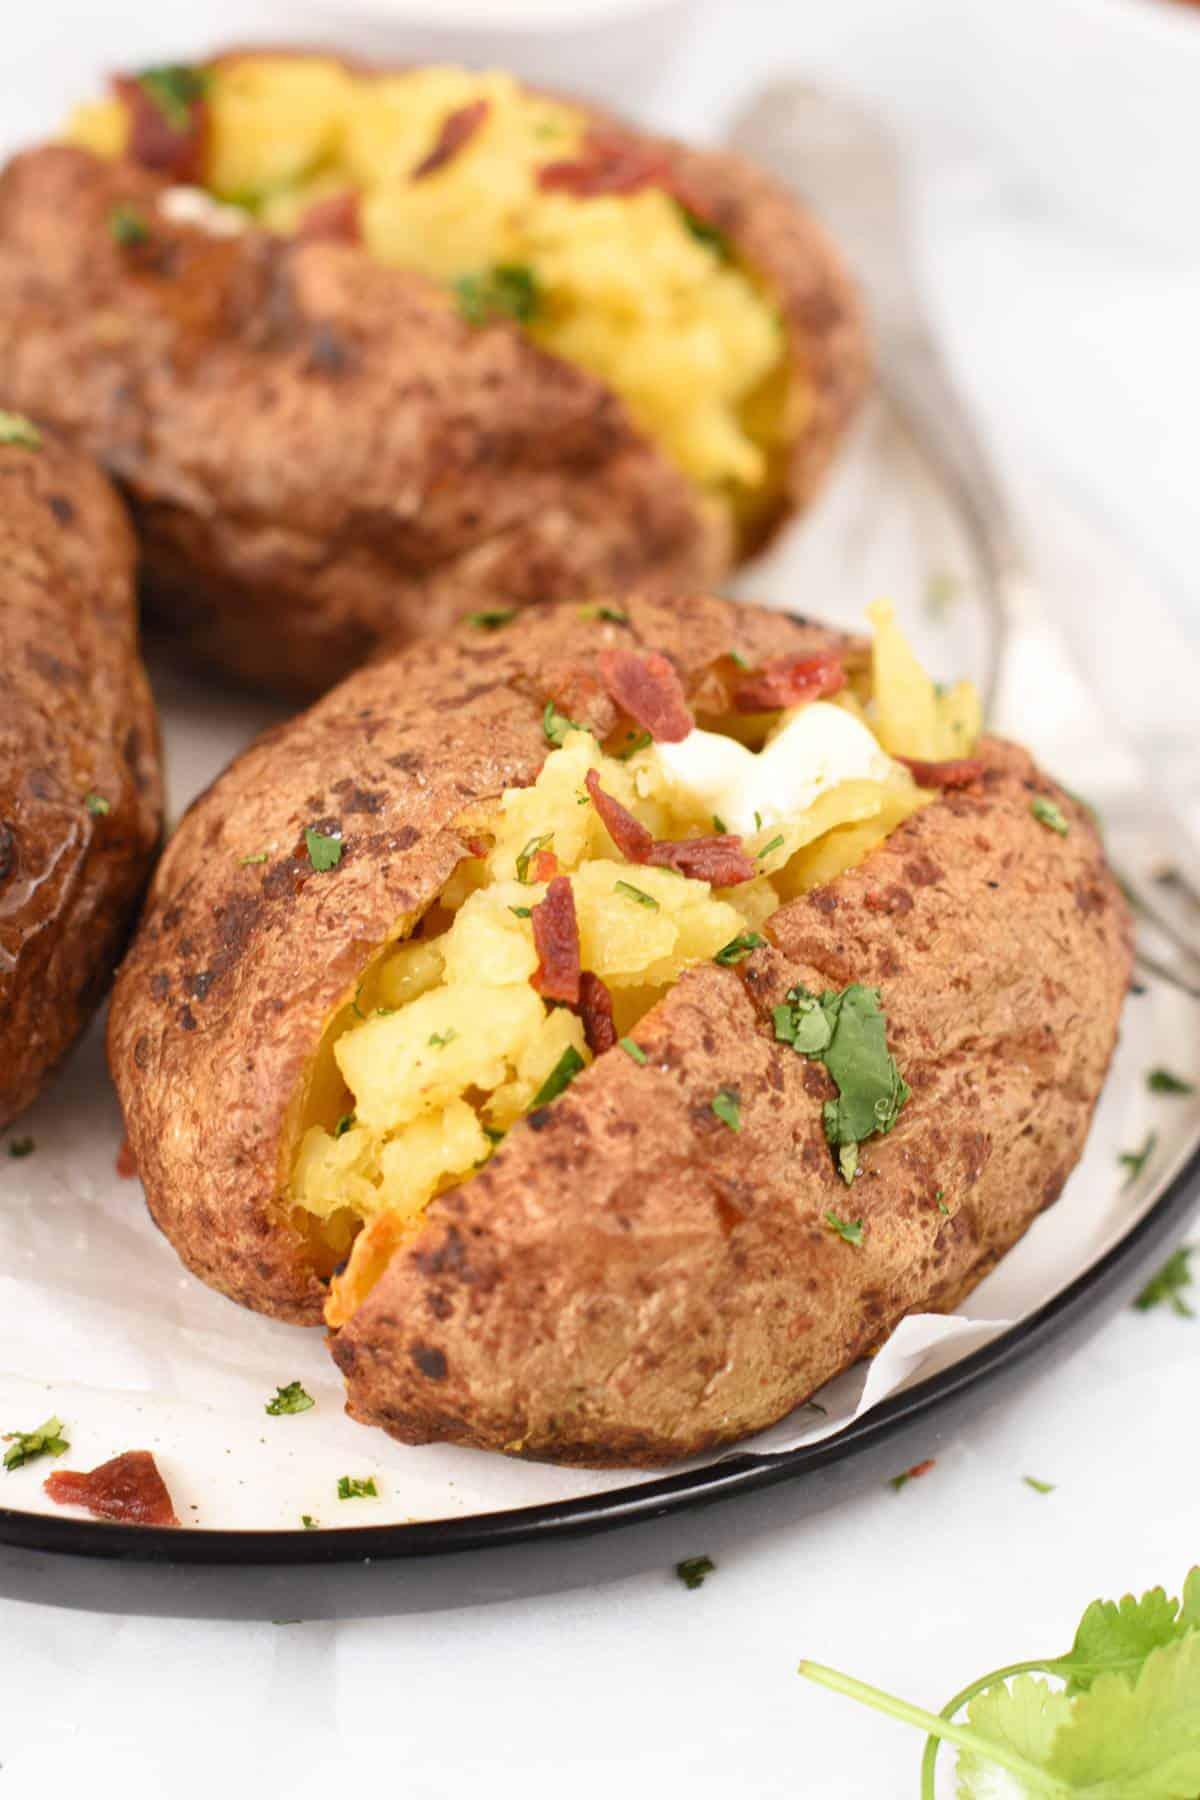 The best Air Fryer Baked PotatoesThe best Air Fryer Baked Potatoes